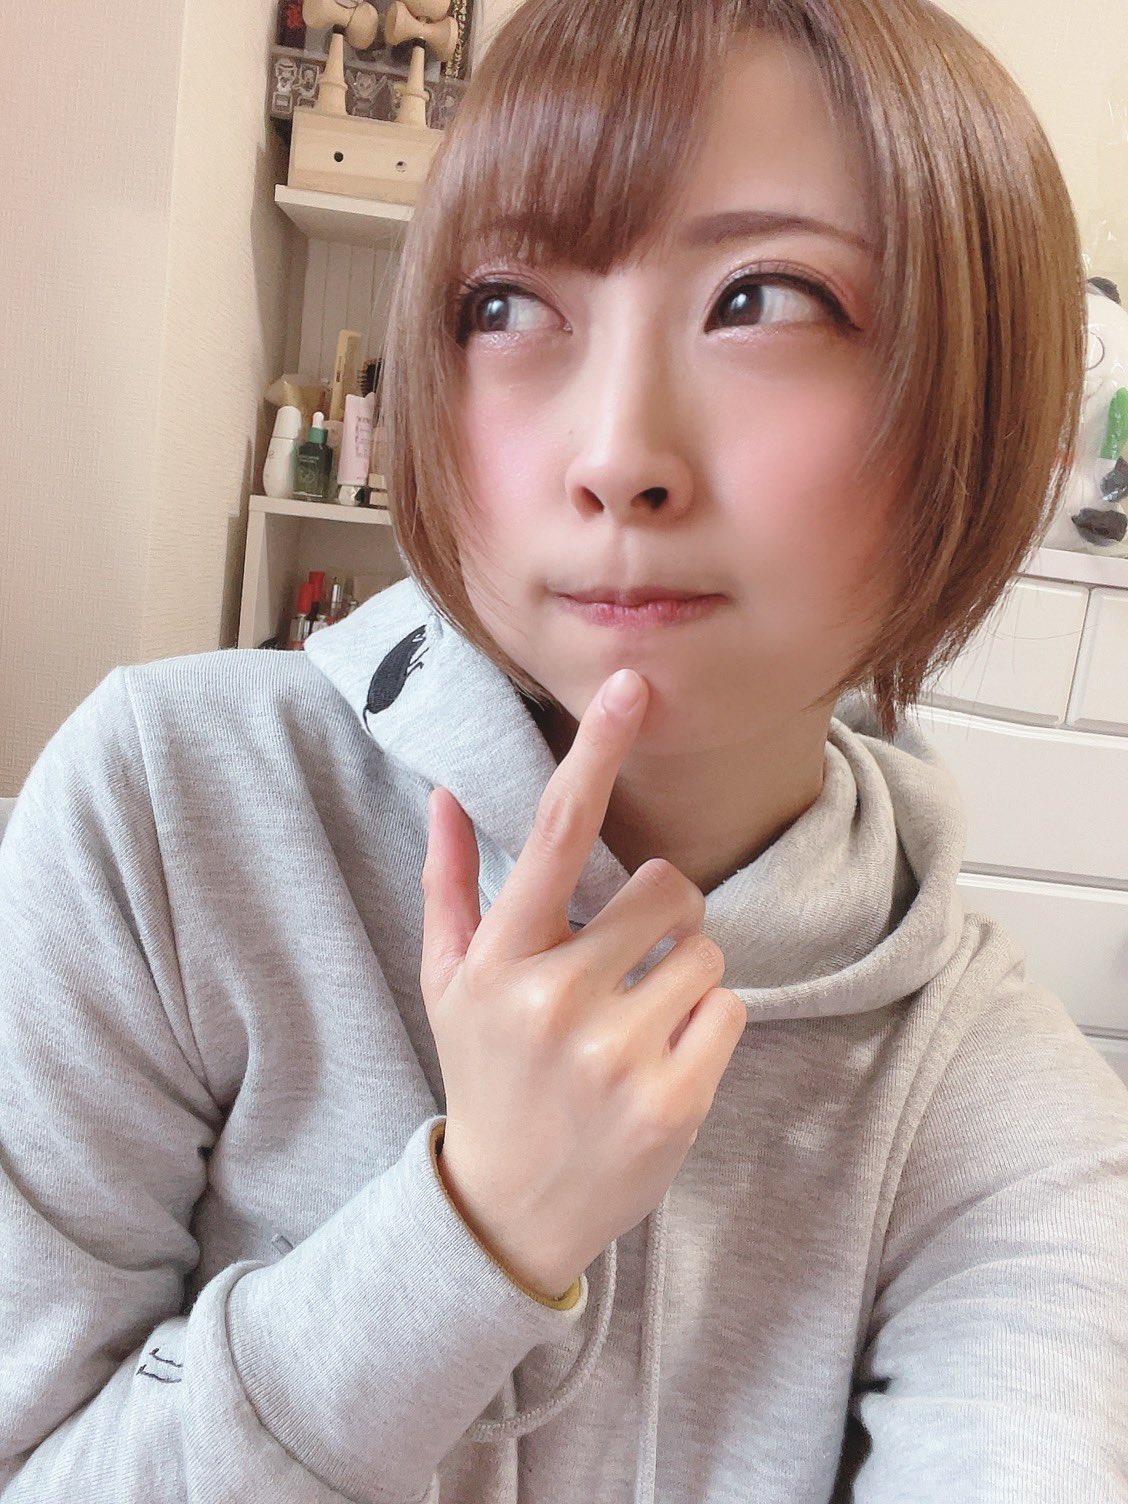 【優木なおエロ画像】アイドル出身なムチムチ巨乳のアラサー人妻系・優木なお!